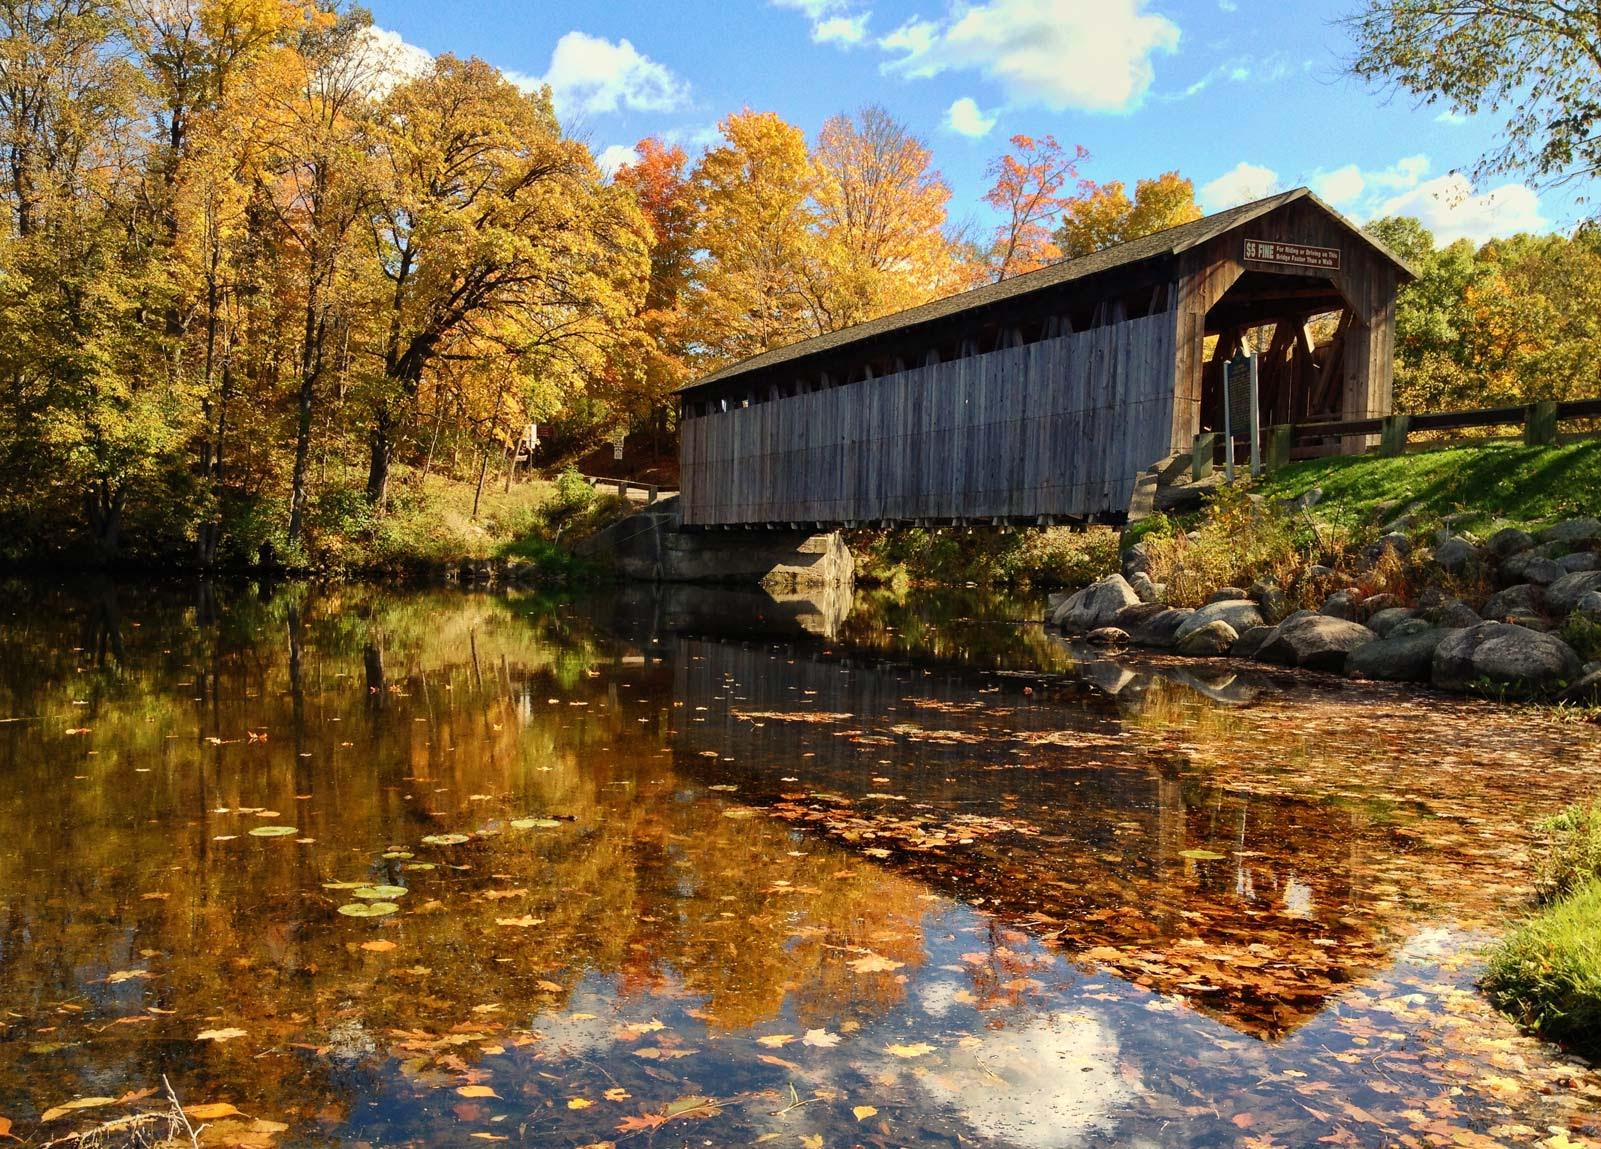 Fall Vacation Destinations - October Vacation Spots